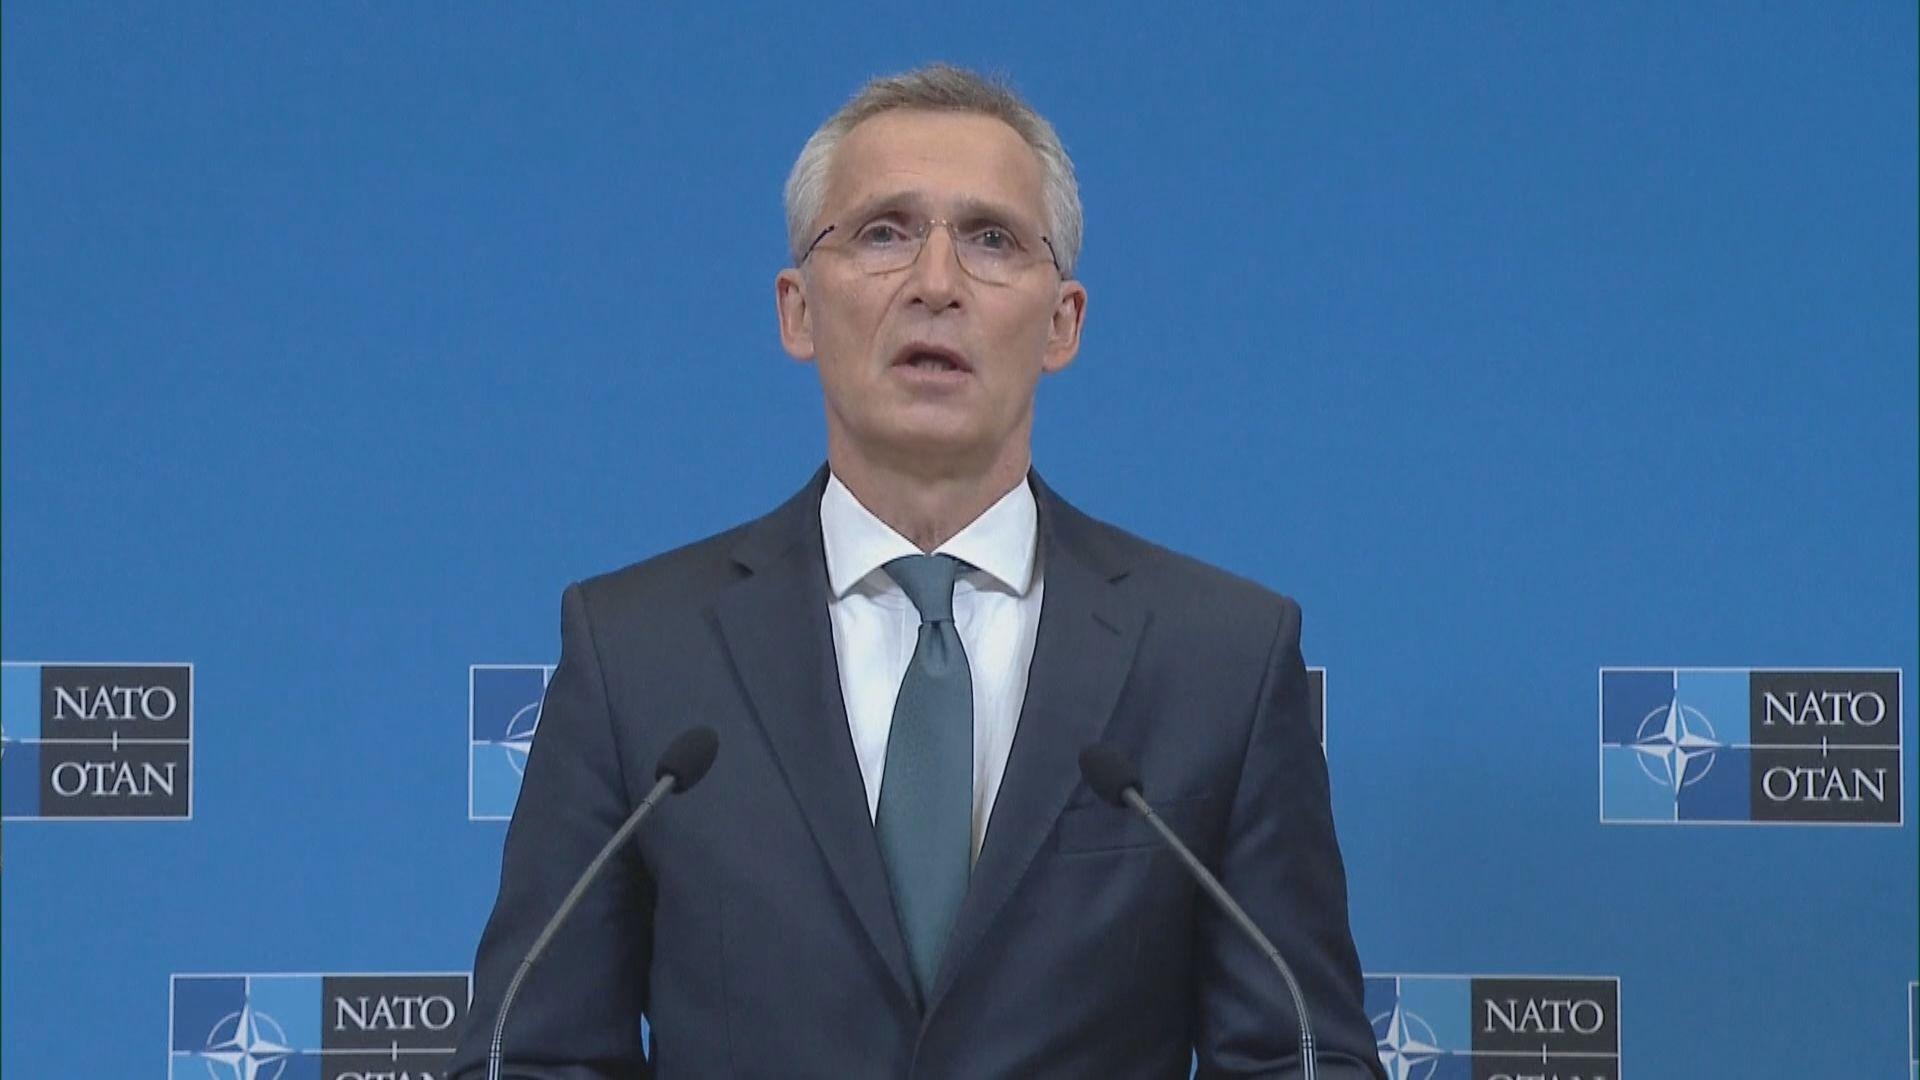 北約秘書長:中國崛起對北約帶來嚴峻挑戰